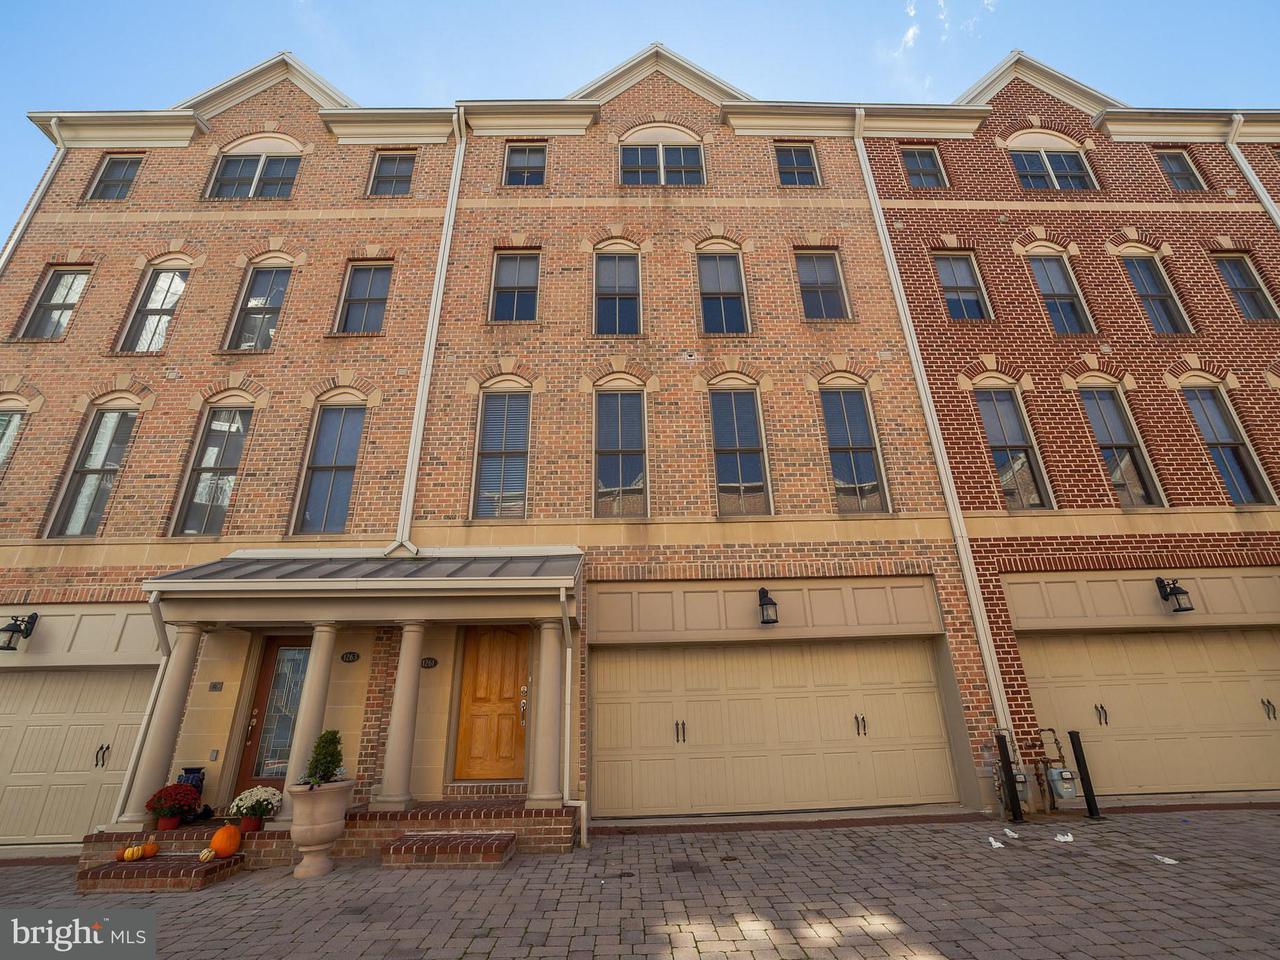 타운하우스 용 매매 에 1261 Dockside Circle 1261 Dockside Circle Baltimore, 메릴랜드 21224 미국